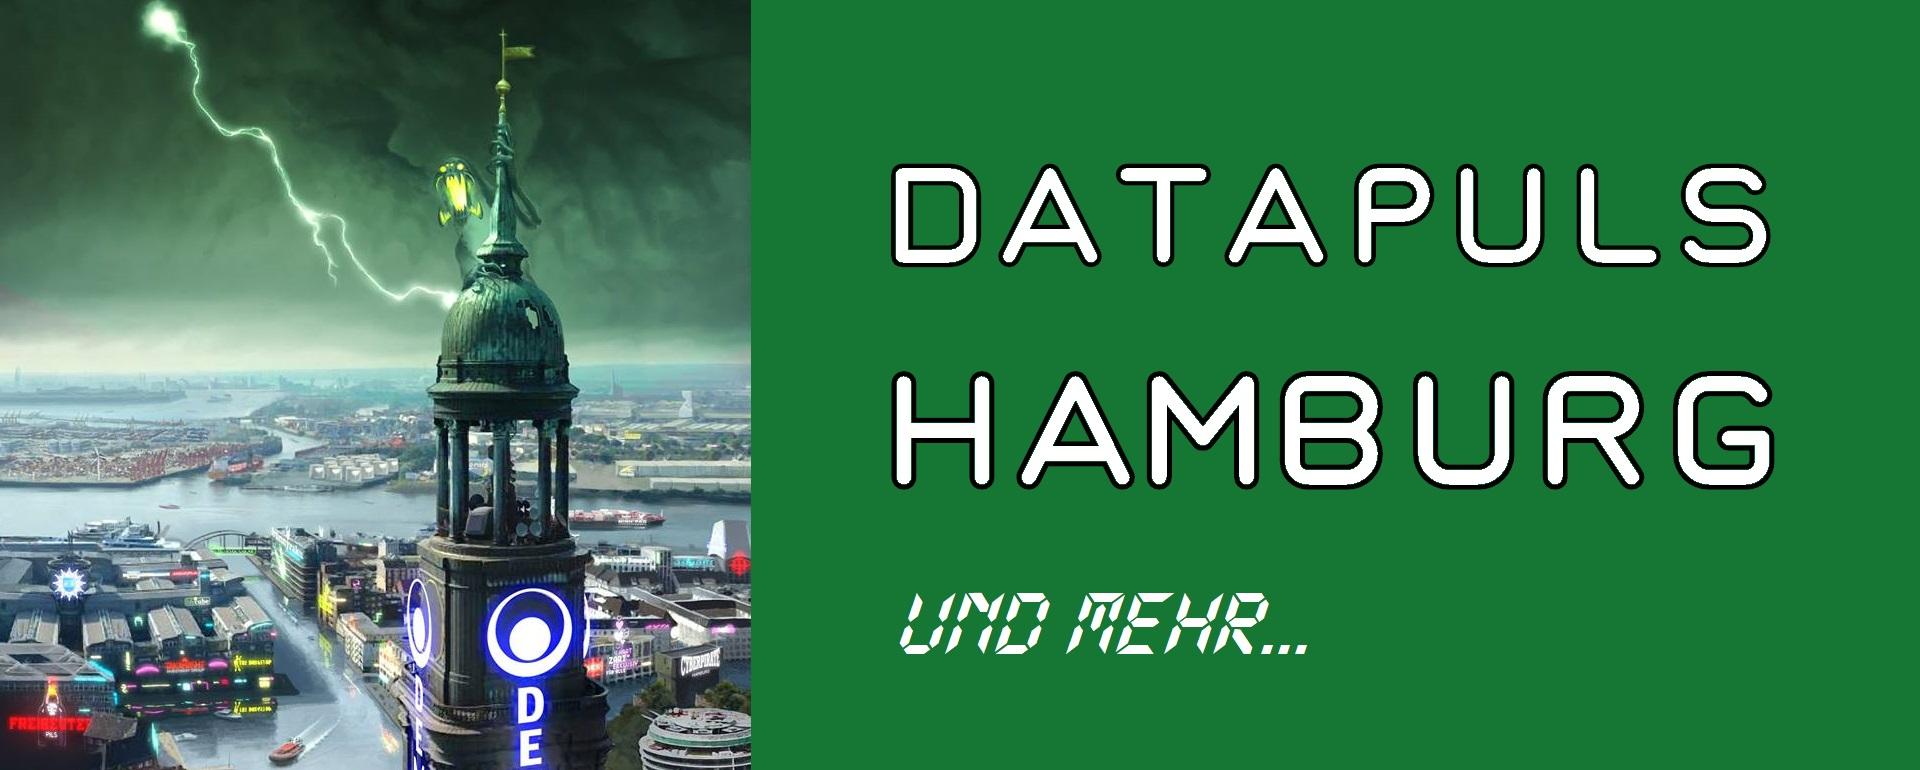 sr5-datapuls-hamburg-und-mehr-promo-aug-